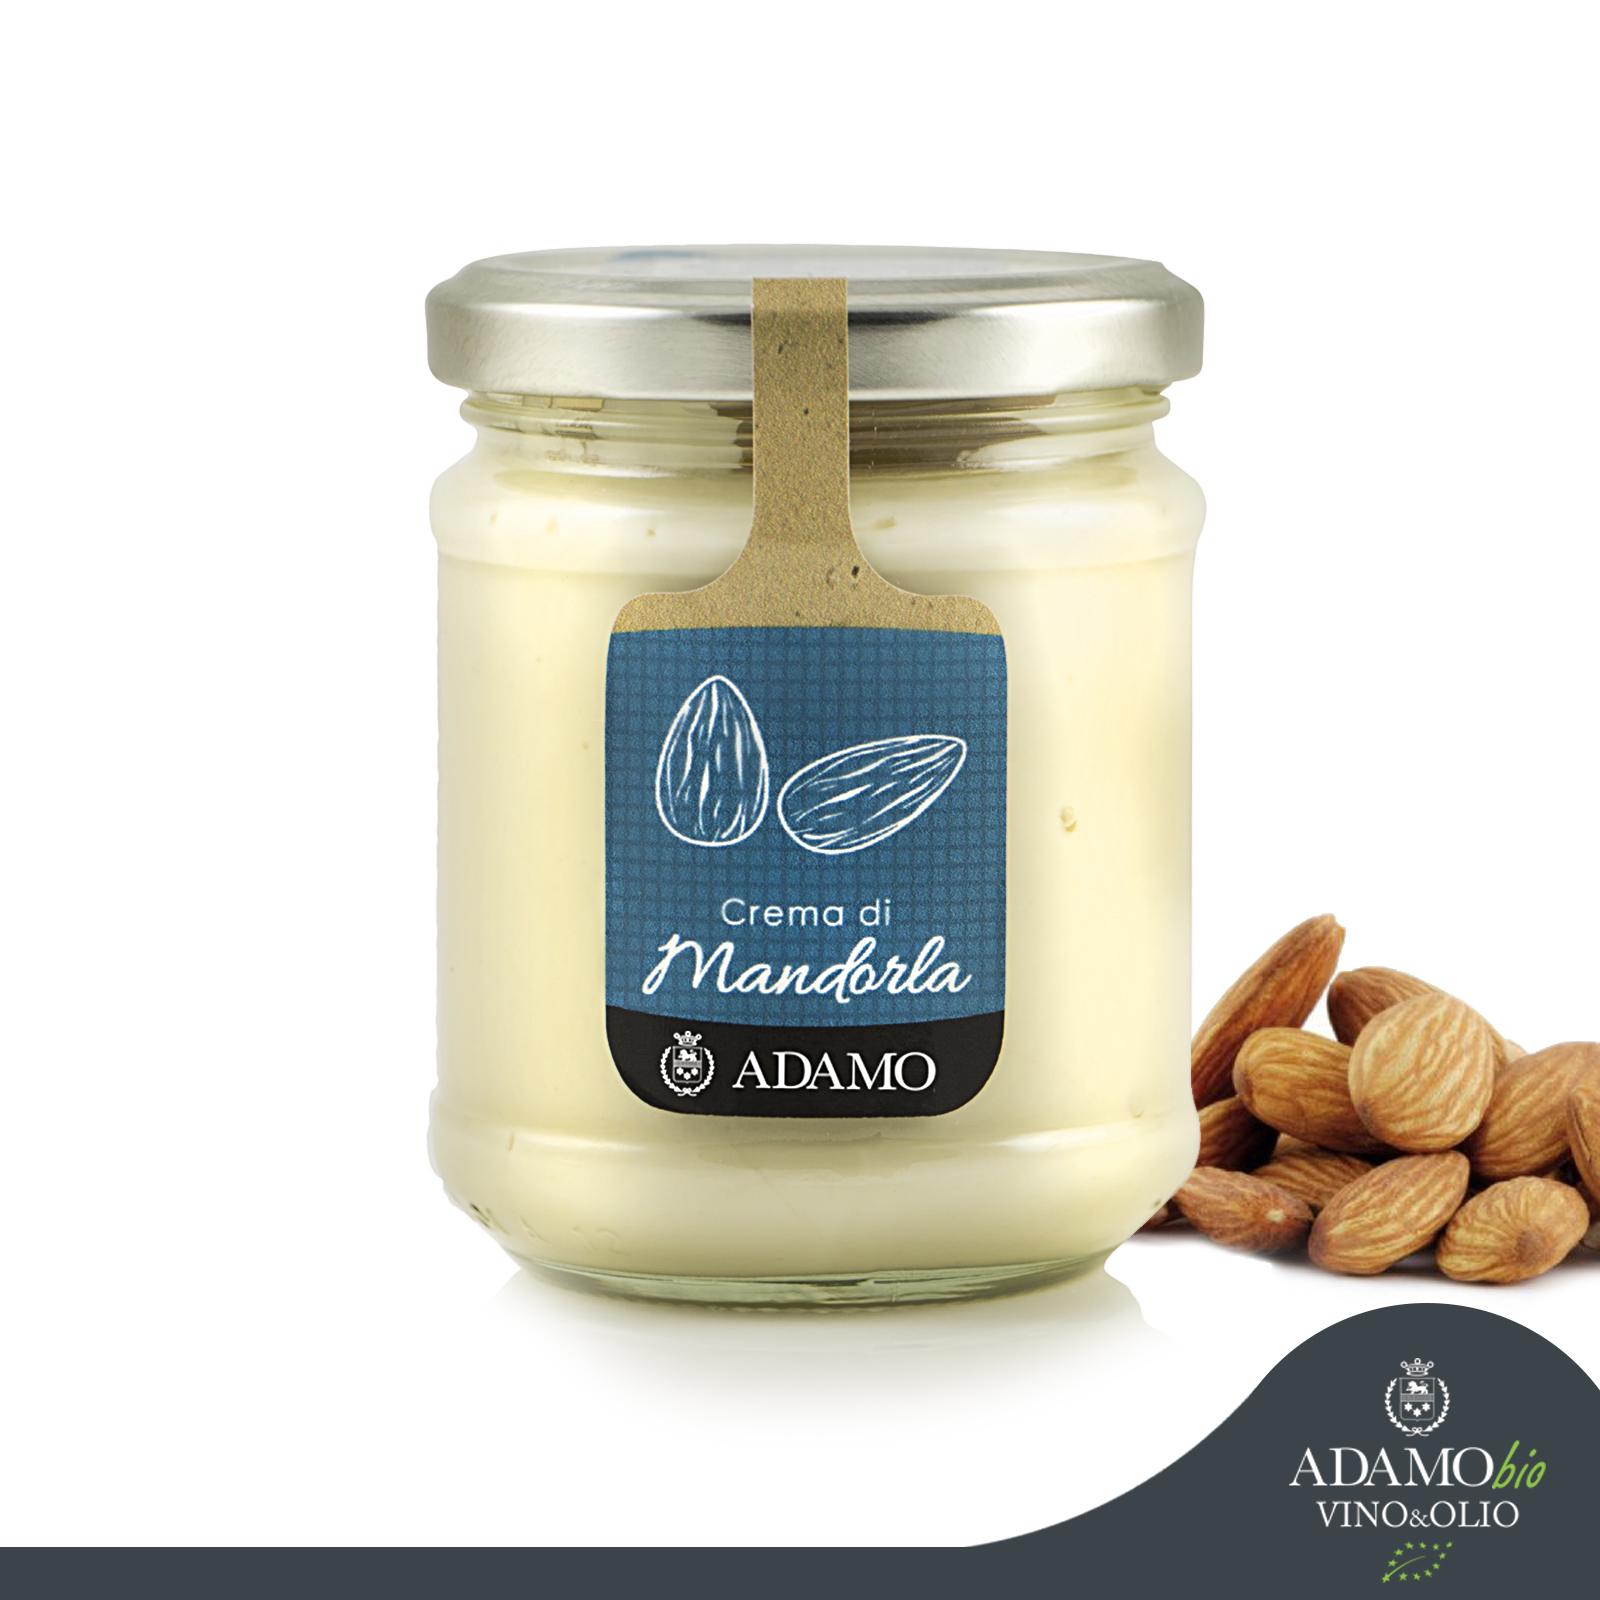 Almond pesto - Azienda Agricola Biologica Adamo